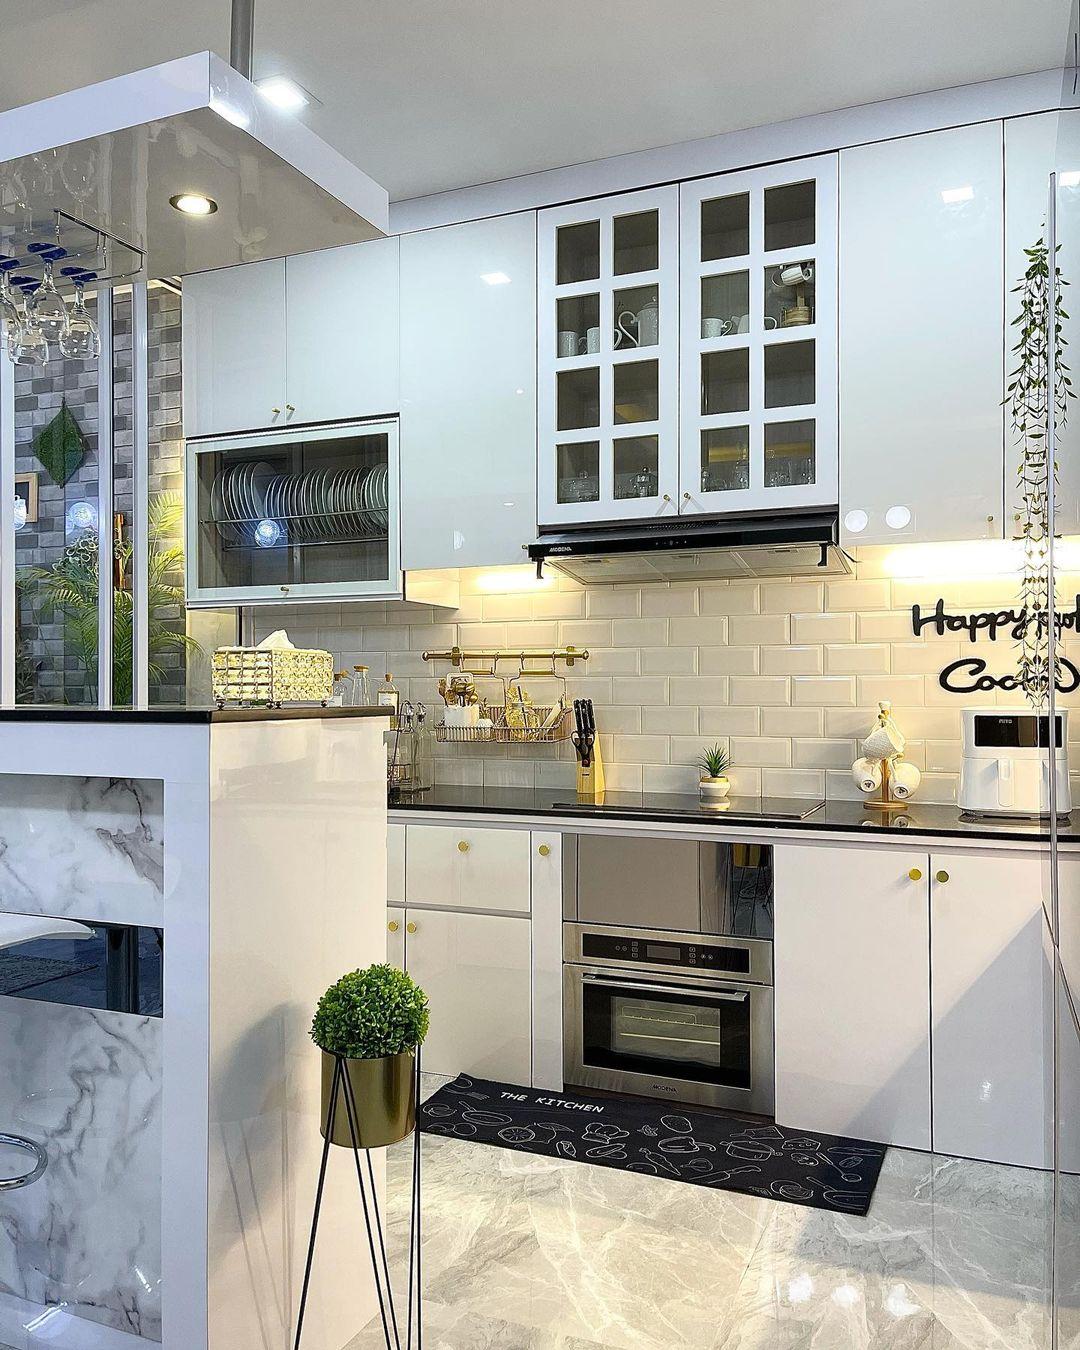 Dapur minimalis modern mewah_8